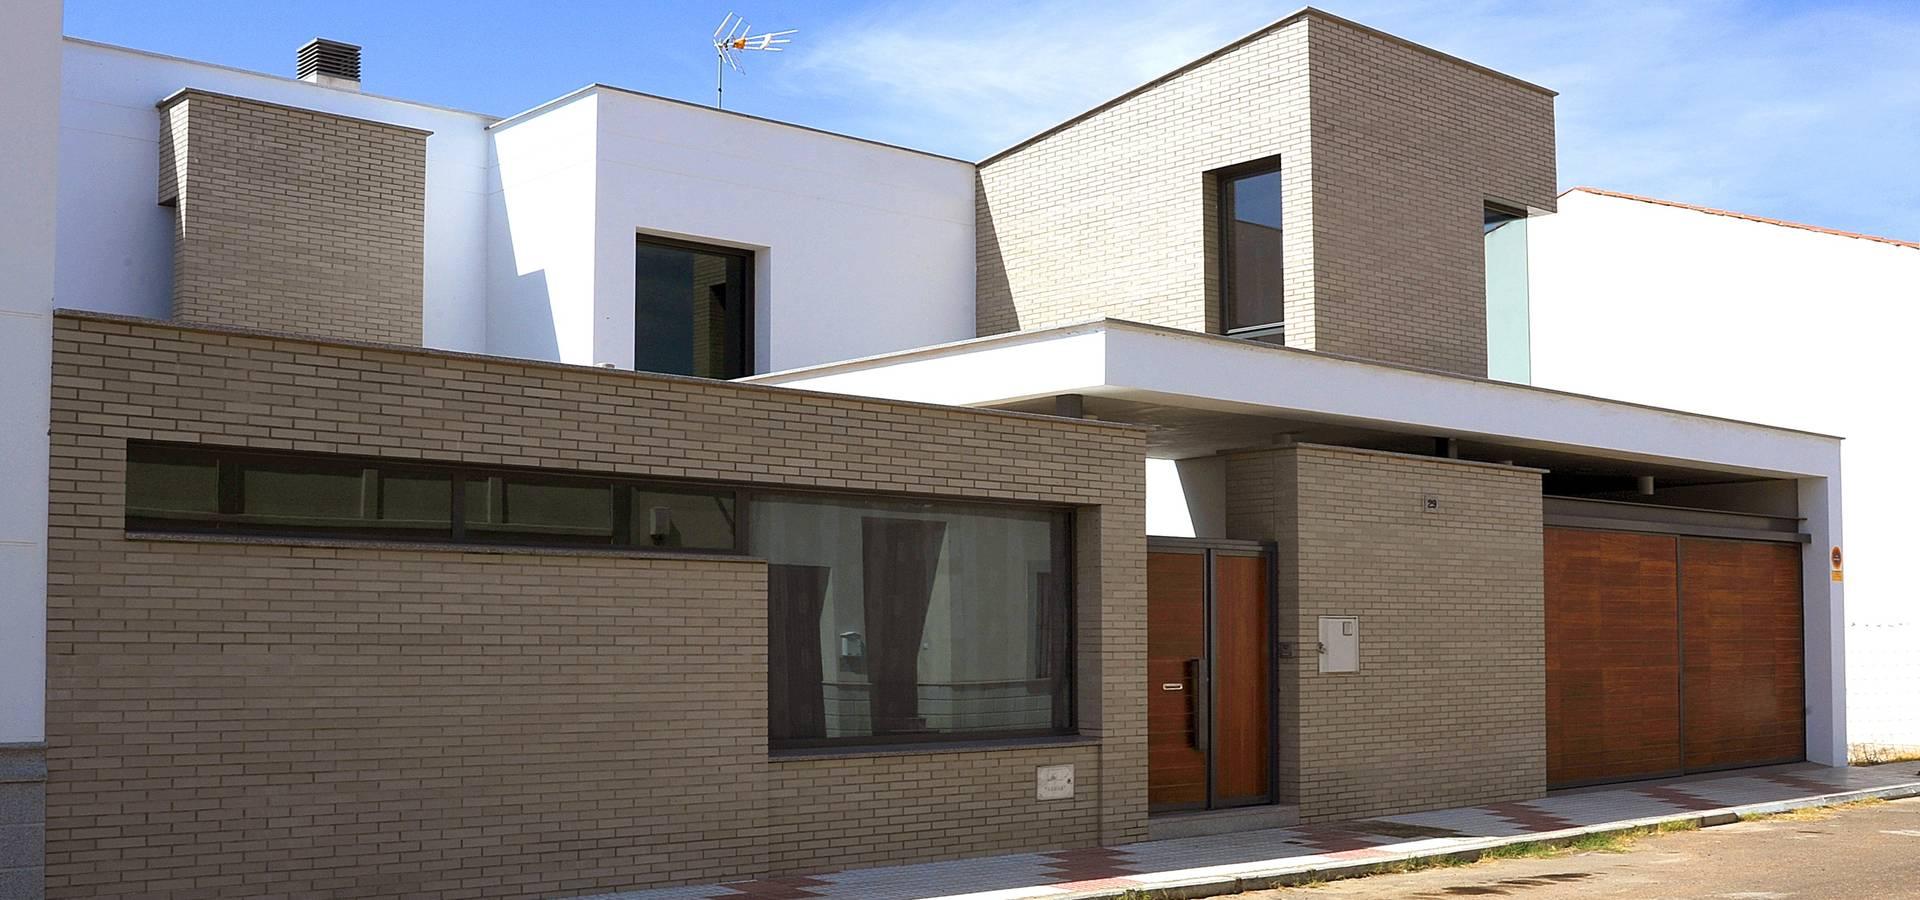 Estudio p arquitecto arquitectos en sevilla homify - Arquitectos de sevilla ...